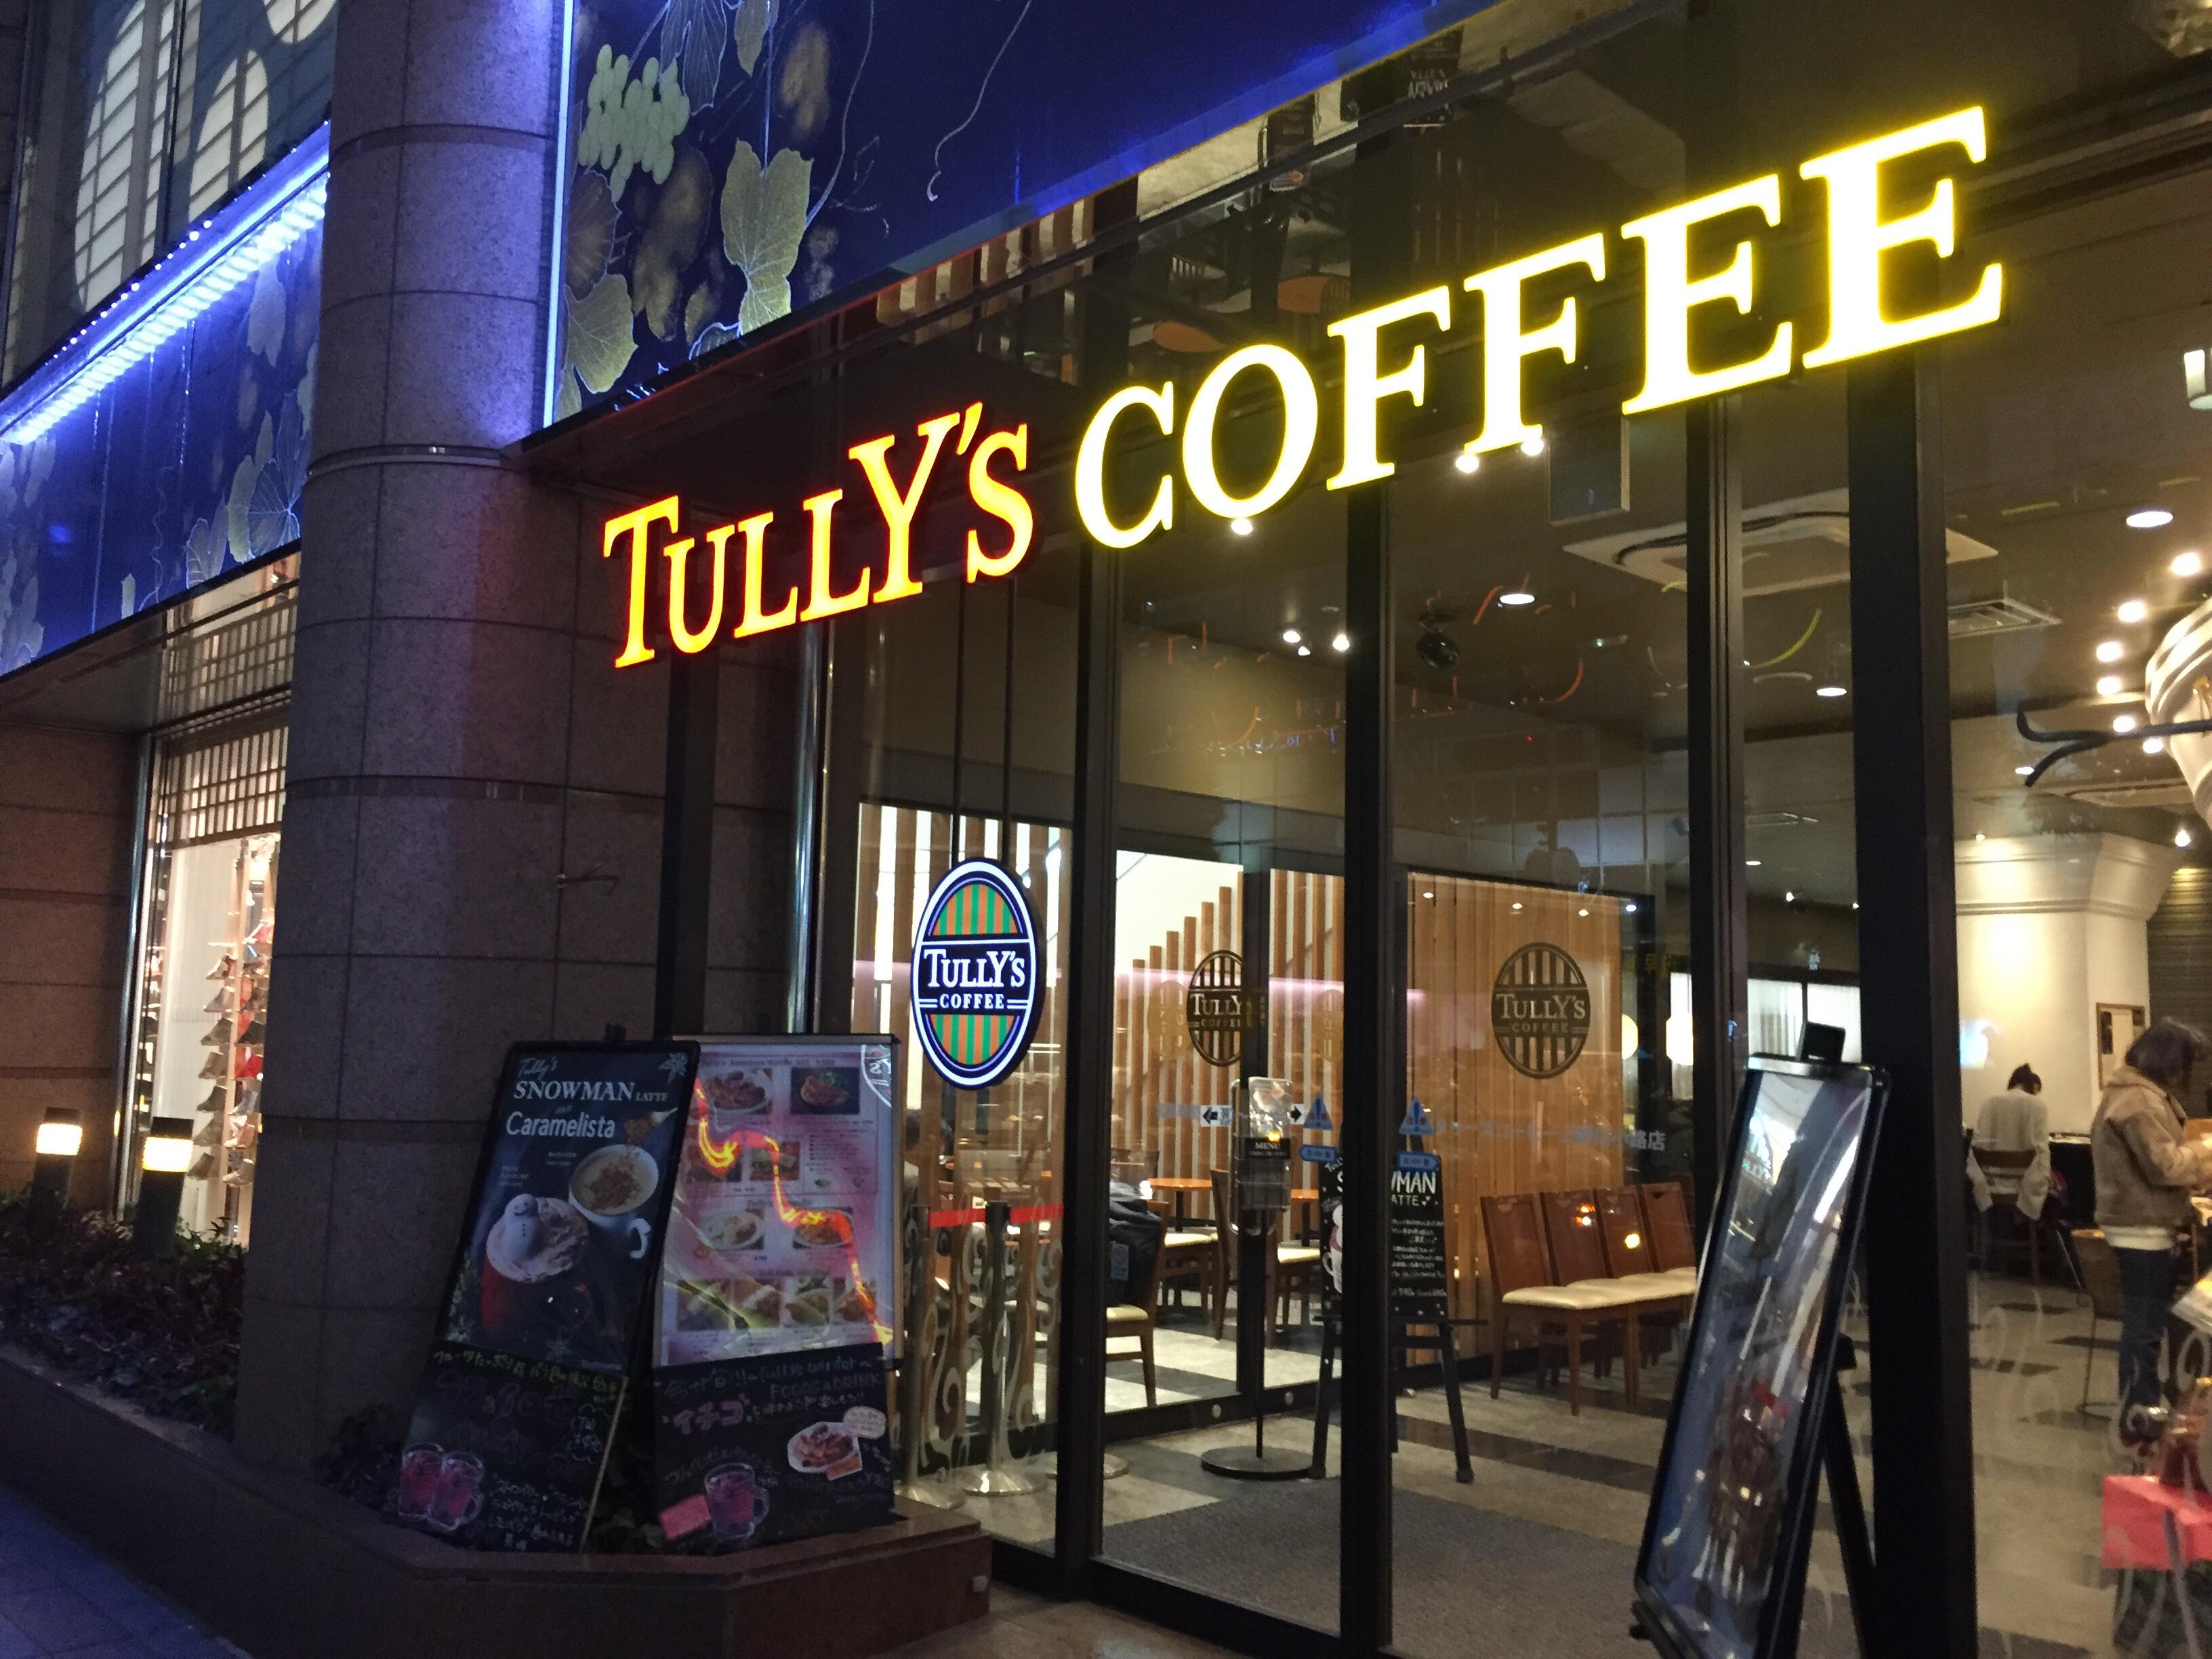 電源カフェ タリーズコーヒー